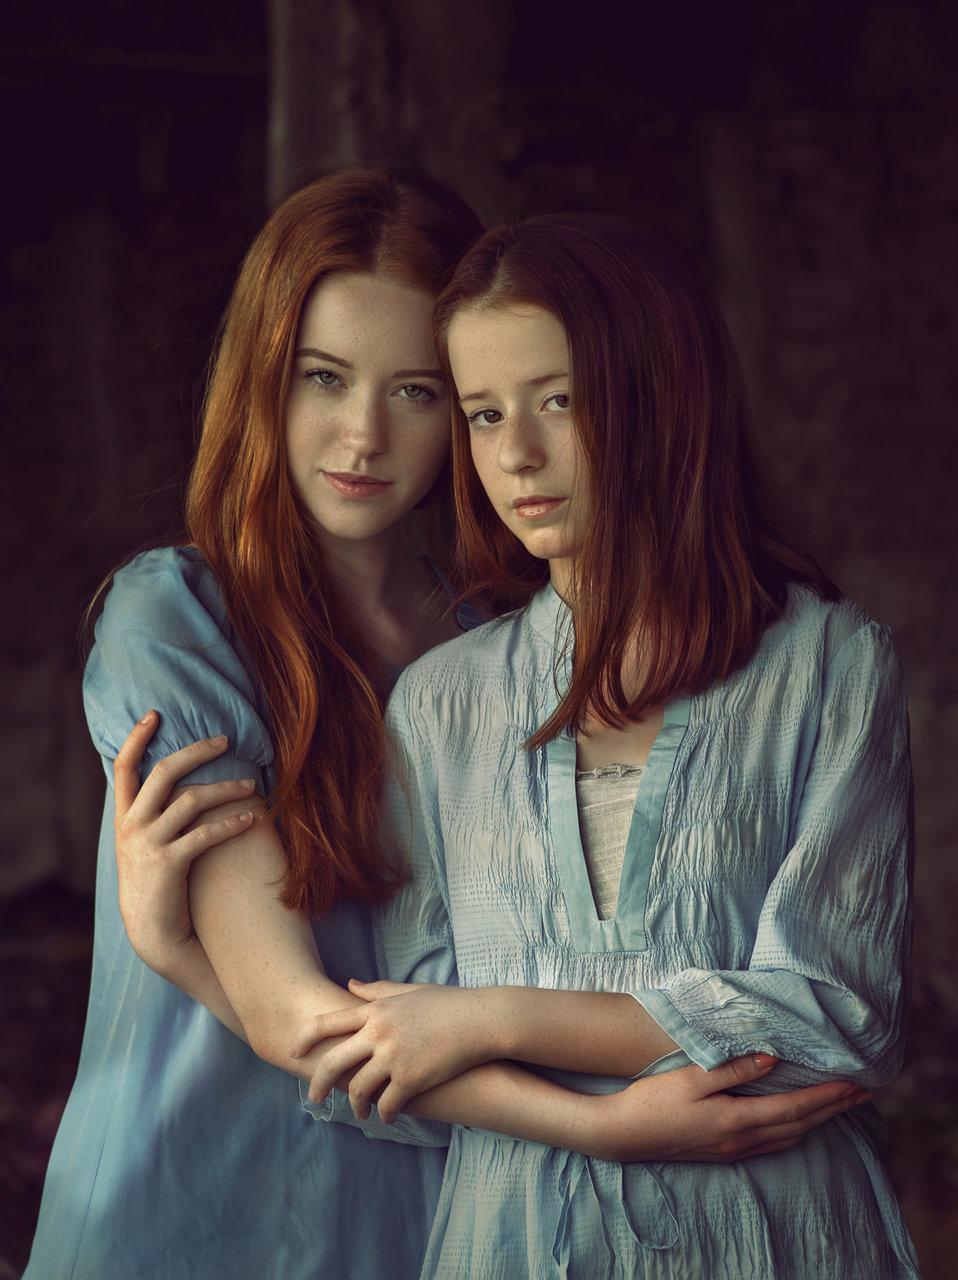 Sisters Love | Author Renatka | PHOTO FORUM